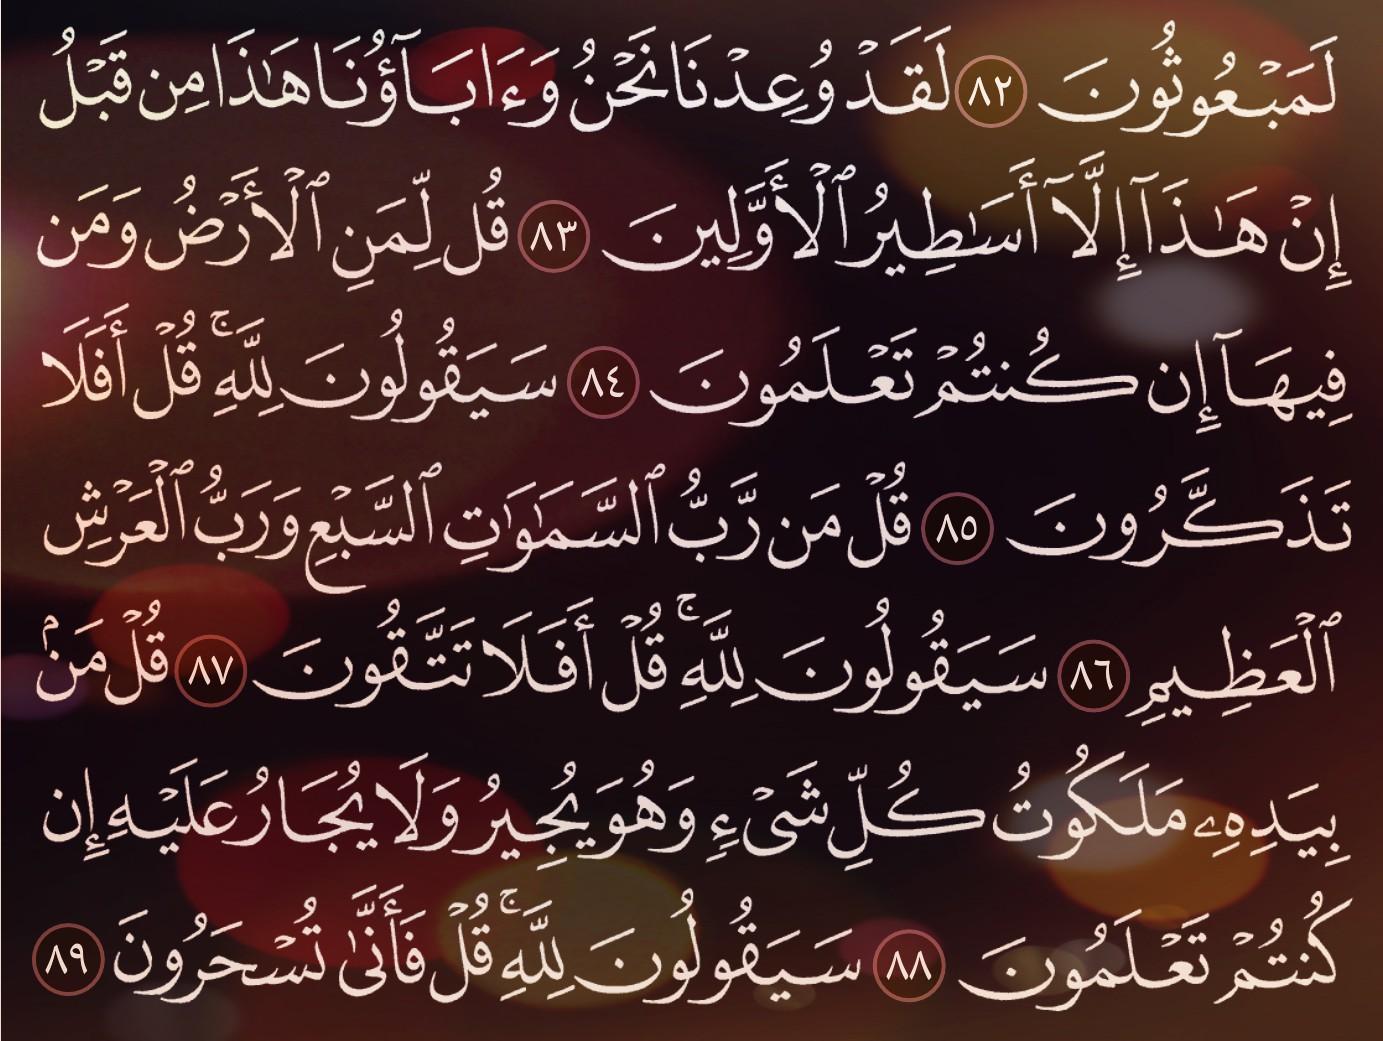 شرح وتفسير سورة المؤمنون Surah Al-Mu'minun ( من الآية 82 إلى الاية 96 )